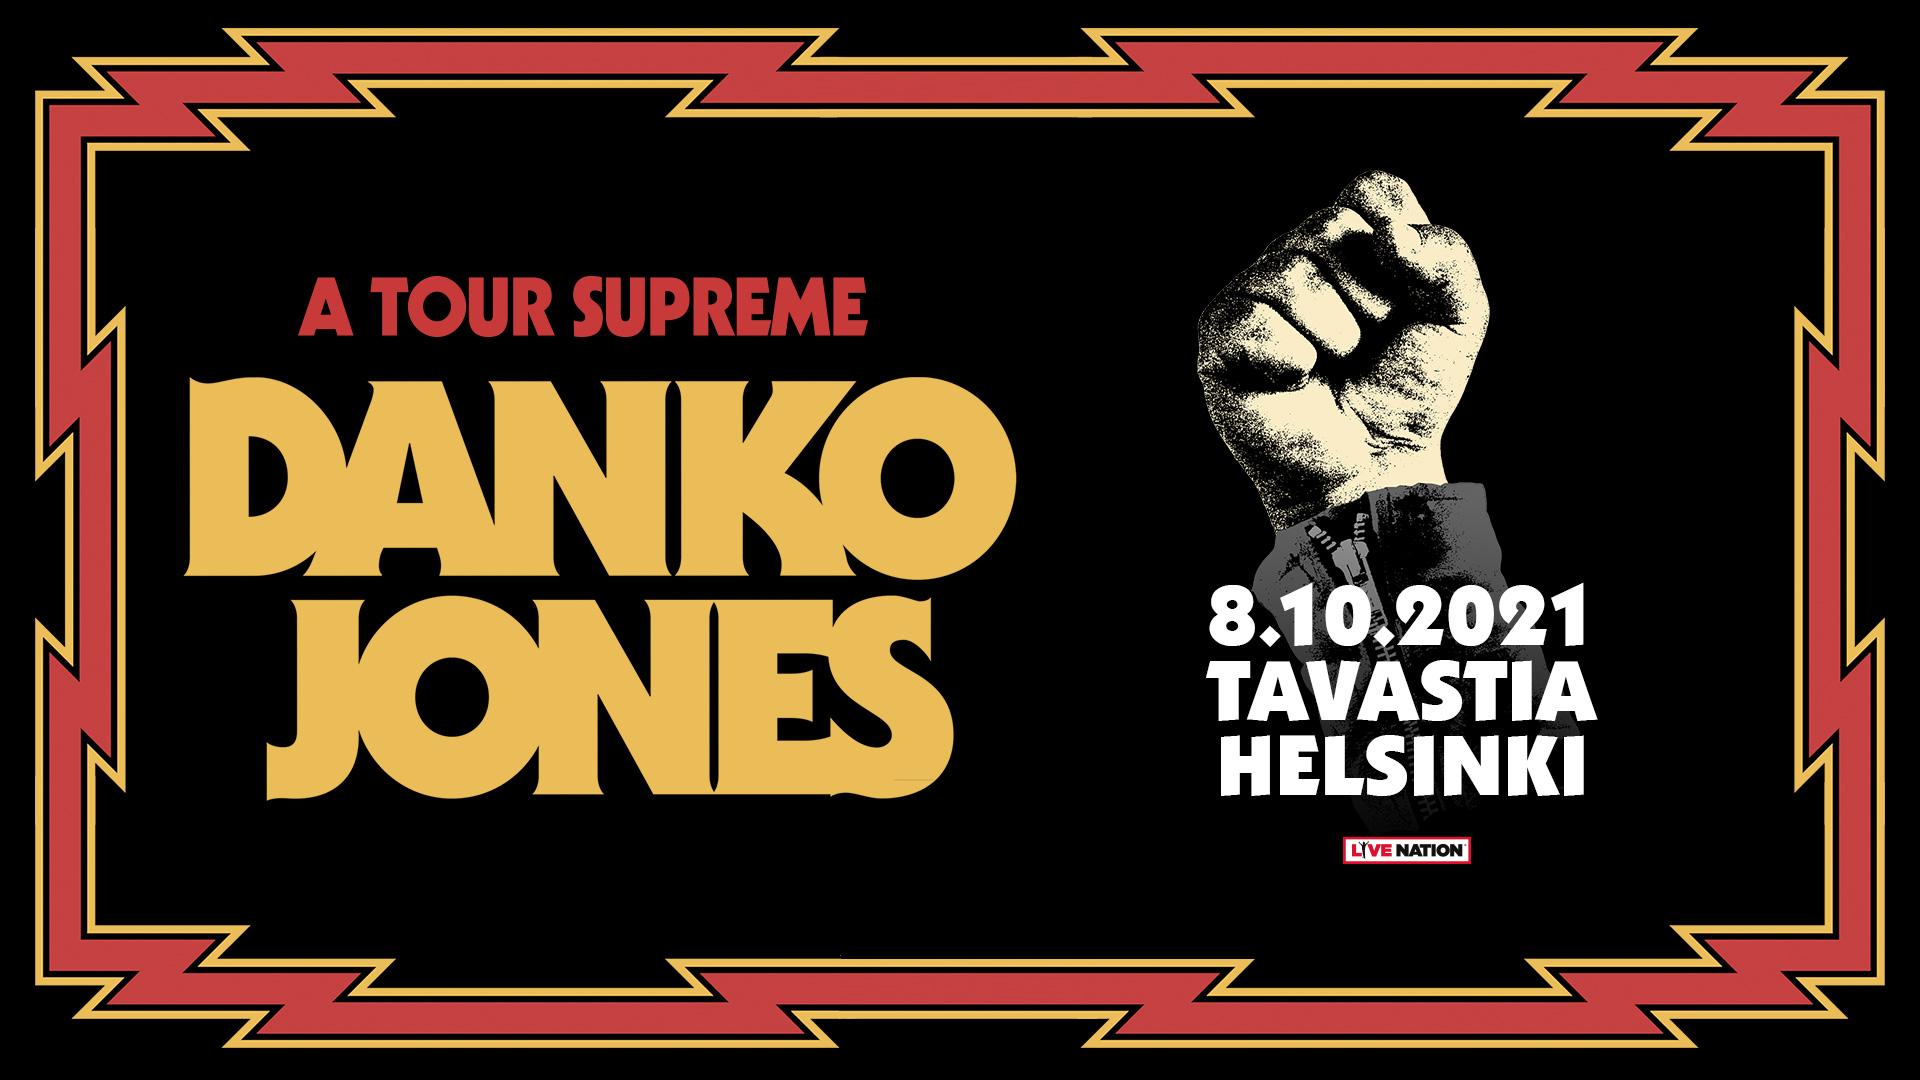 Linkki tapahtumaan Danko Jones: A Tour Supreme